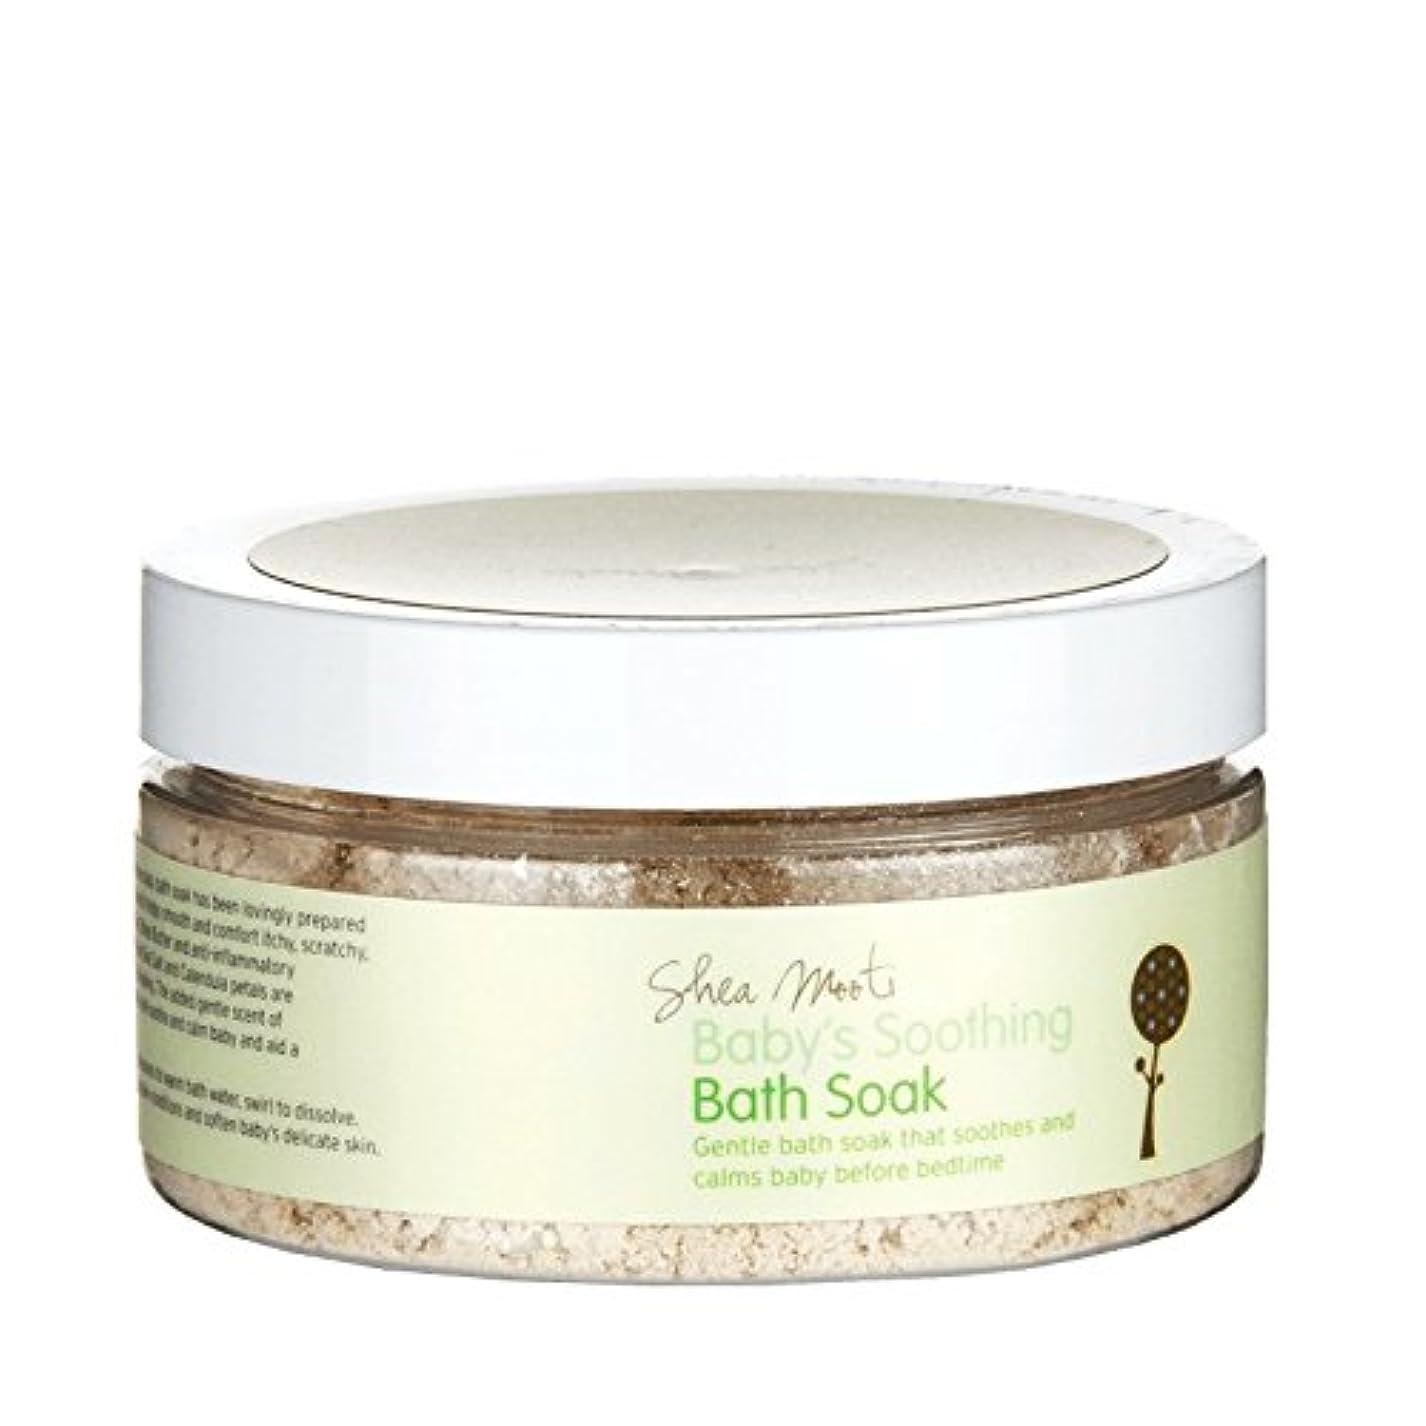 シアバターMooti赤ちゃんの癒しのお風呂は、130グラムを浸し - Shea Mooti Baby's Soothing Bath Soak 130g (Shea Mooti) [並行輸入品]